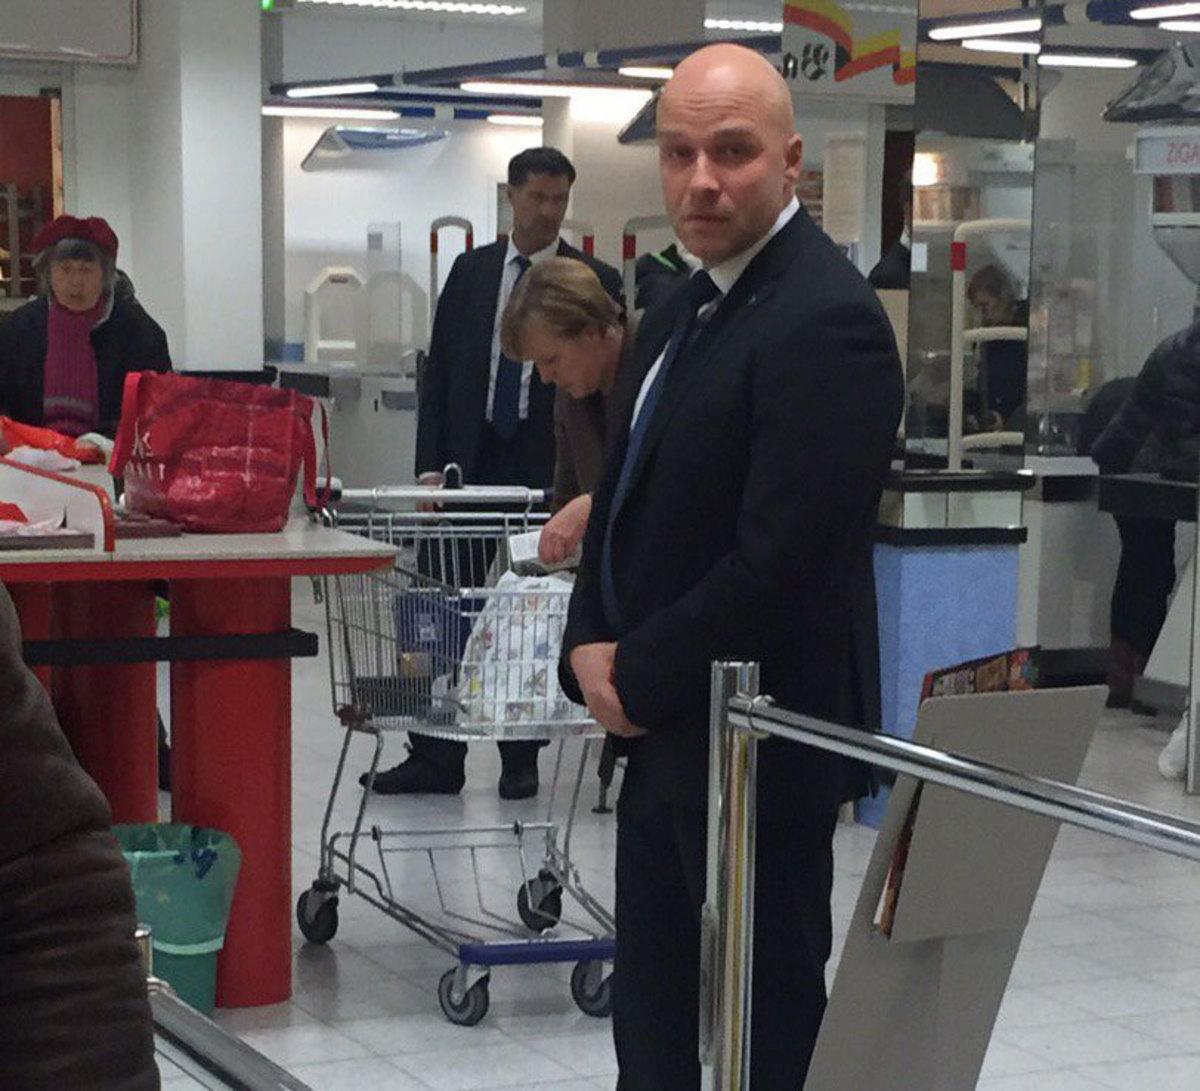 """Πήγε στο σούπερ μάρκετ και """"έπεσε"""" πάνω στη Μέρκελ! (ΦΩΤΟ)"""